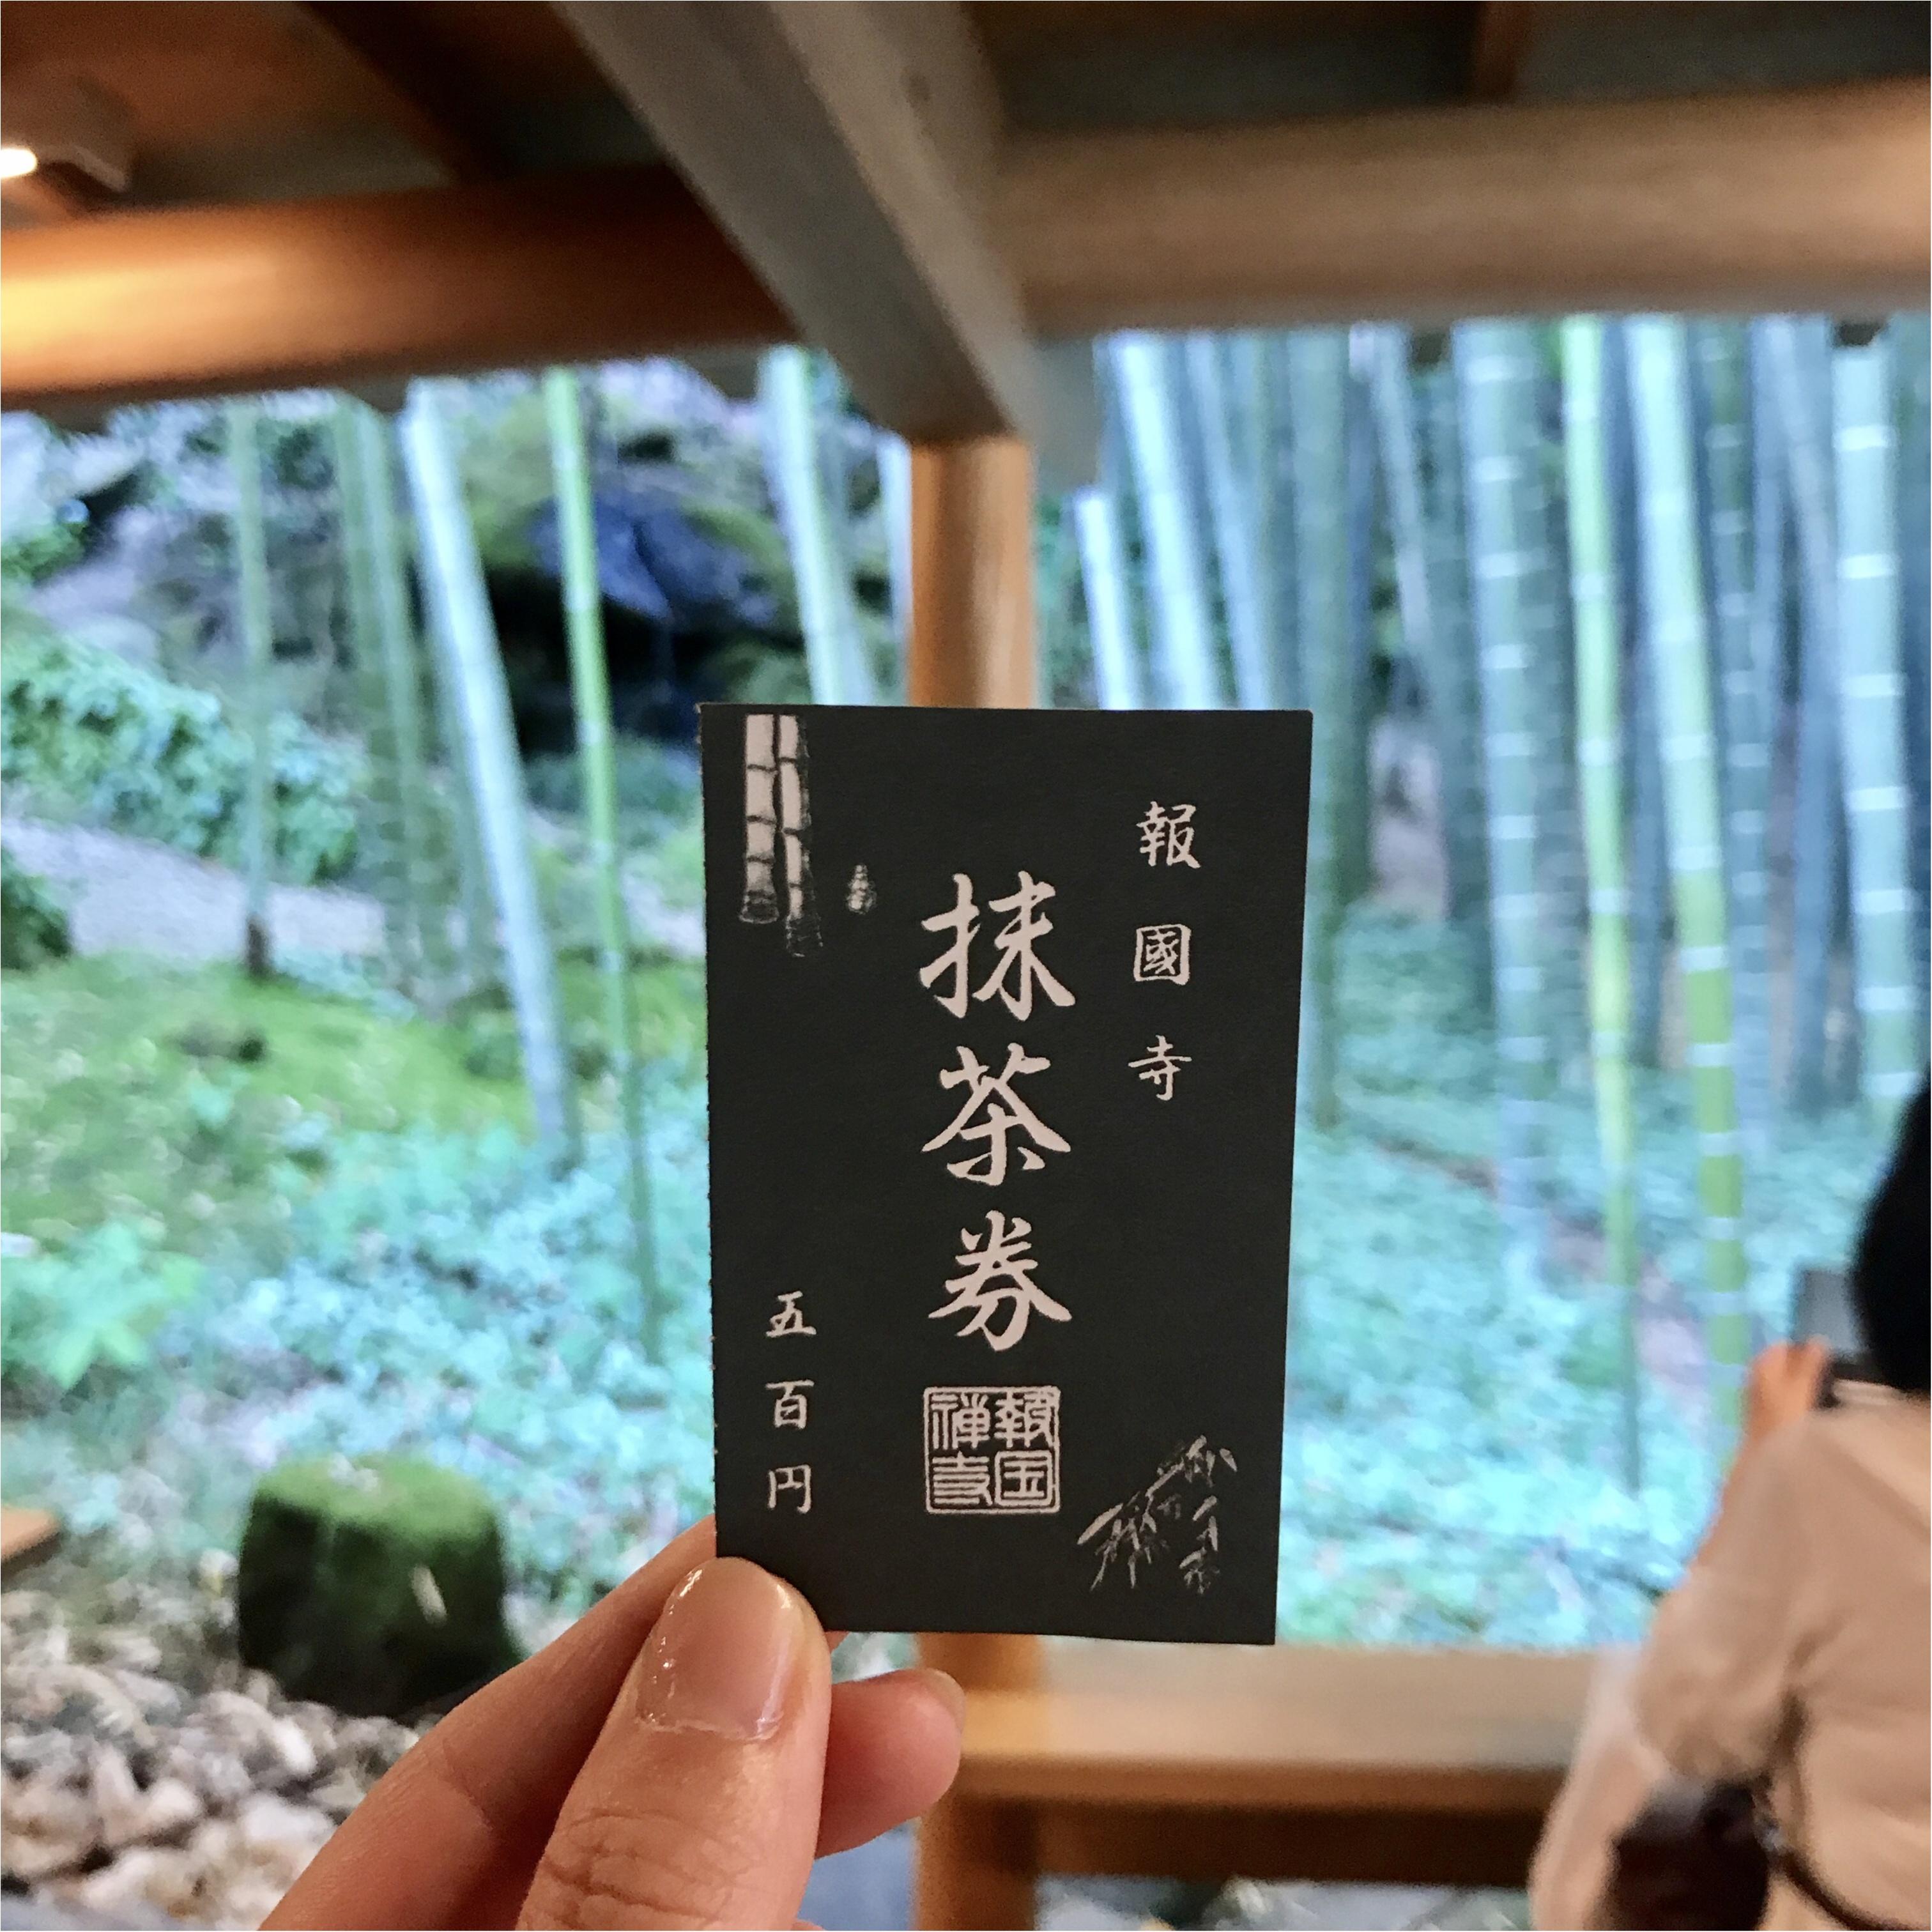 【鎌倉】着物で行きたいスポットNo.1♡フォトジェニックすぎる「報国寺」散策!_4